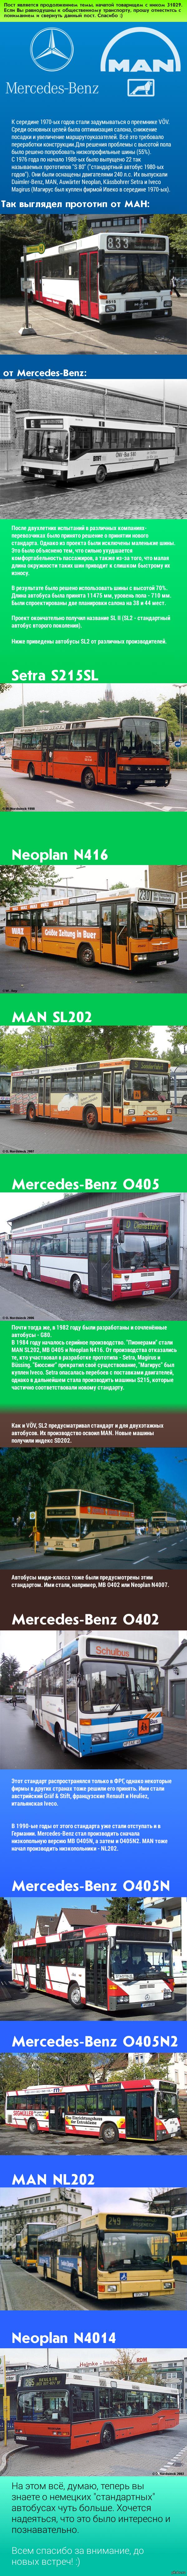 """Такие разные и одинаковые немецкие автобусы. Длиннопост Продолжение/ответ на пост <a href=""""http://pikabu.ru/story/dlya_nemnogochislennyikh_lyubiteley_avtobusov_2923292"""">http://pikabu.ru/story/_2923292</a>"""